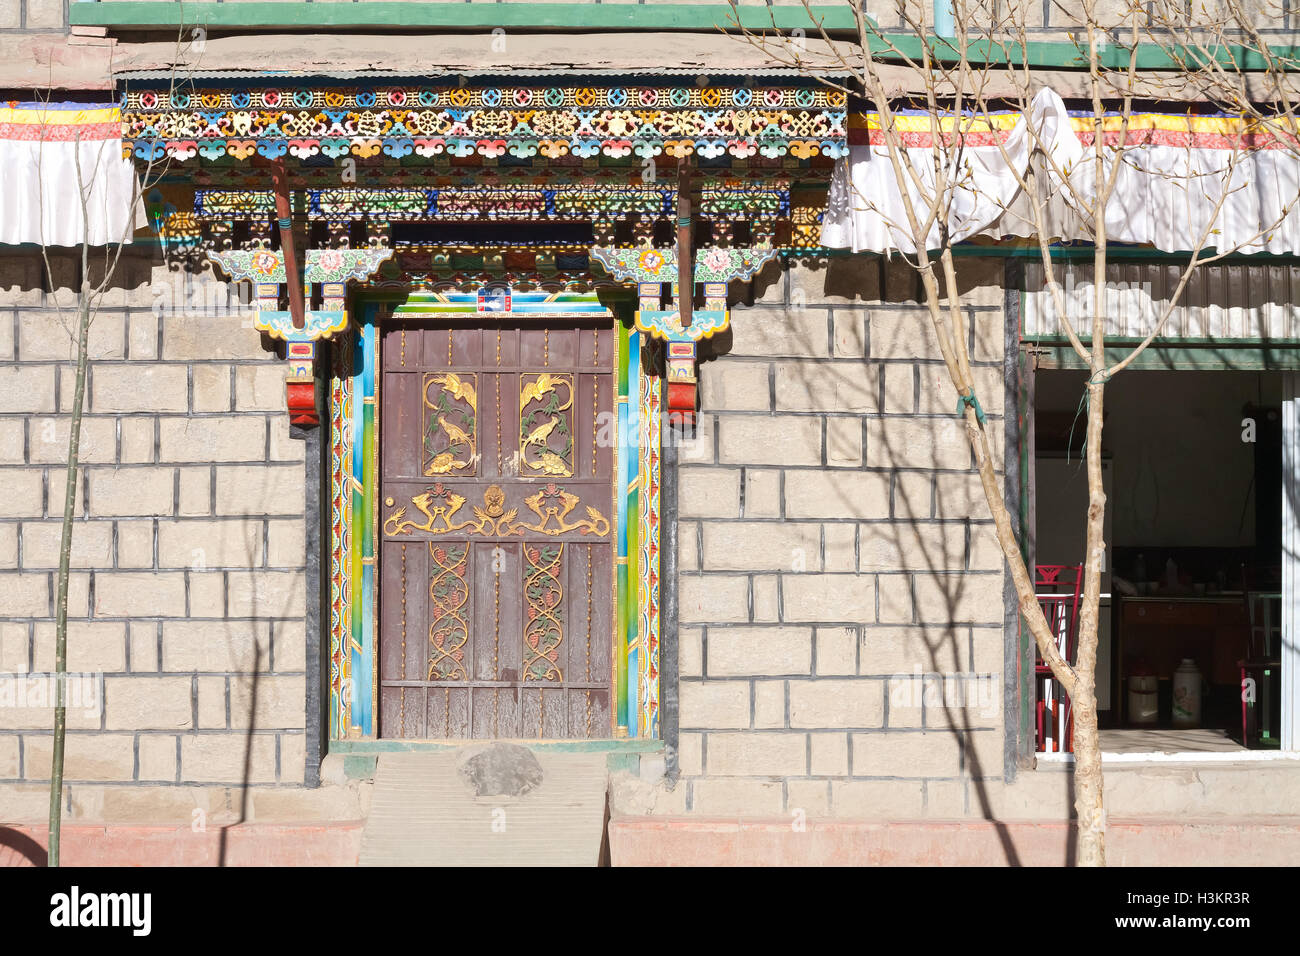 Old Gyangtse, Tibet - Stock Image